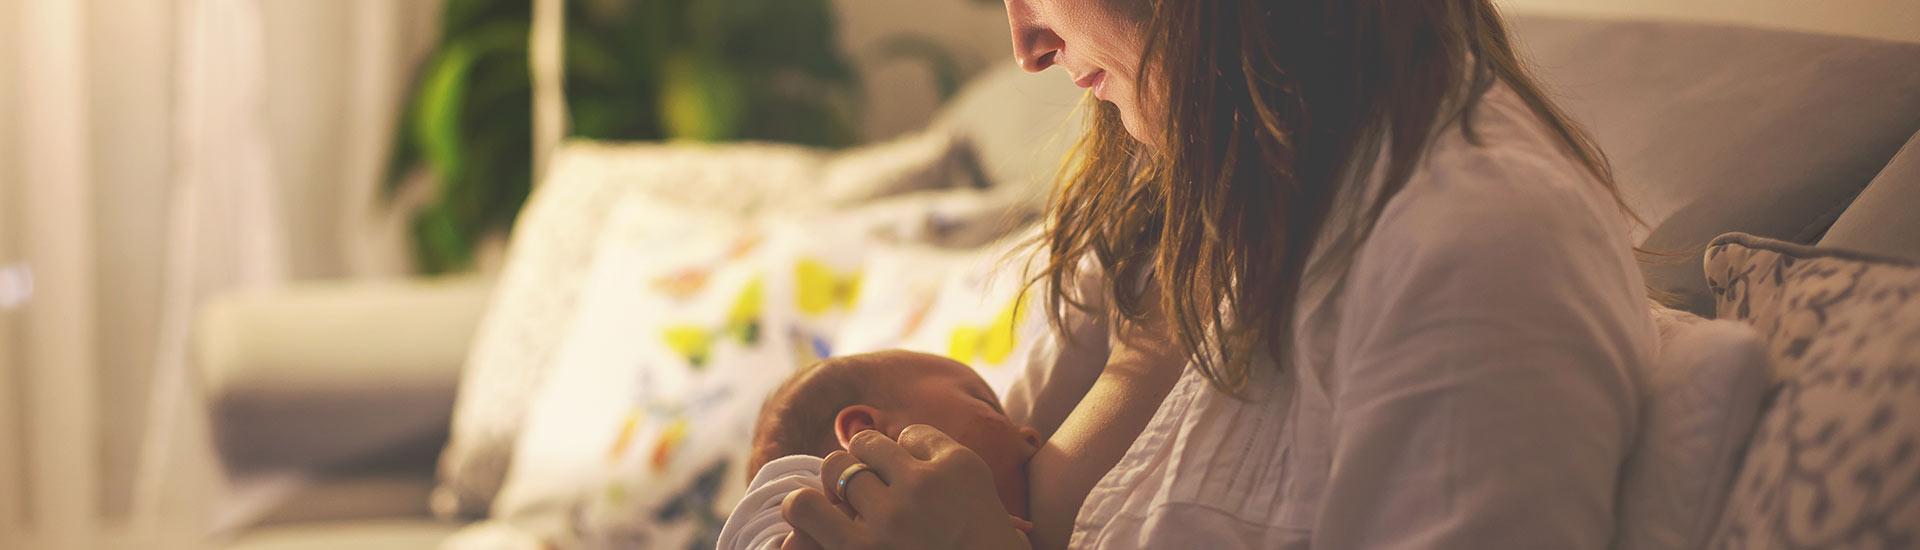 Μητρικός Θηλασμός Και Οφέλη